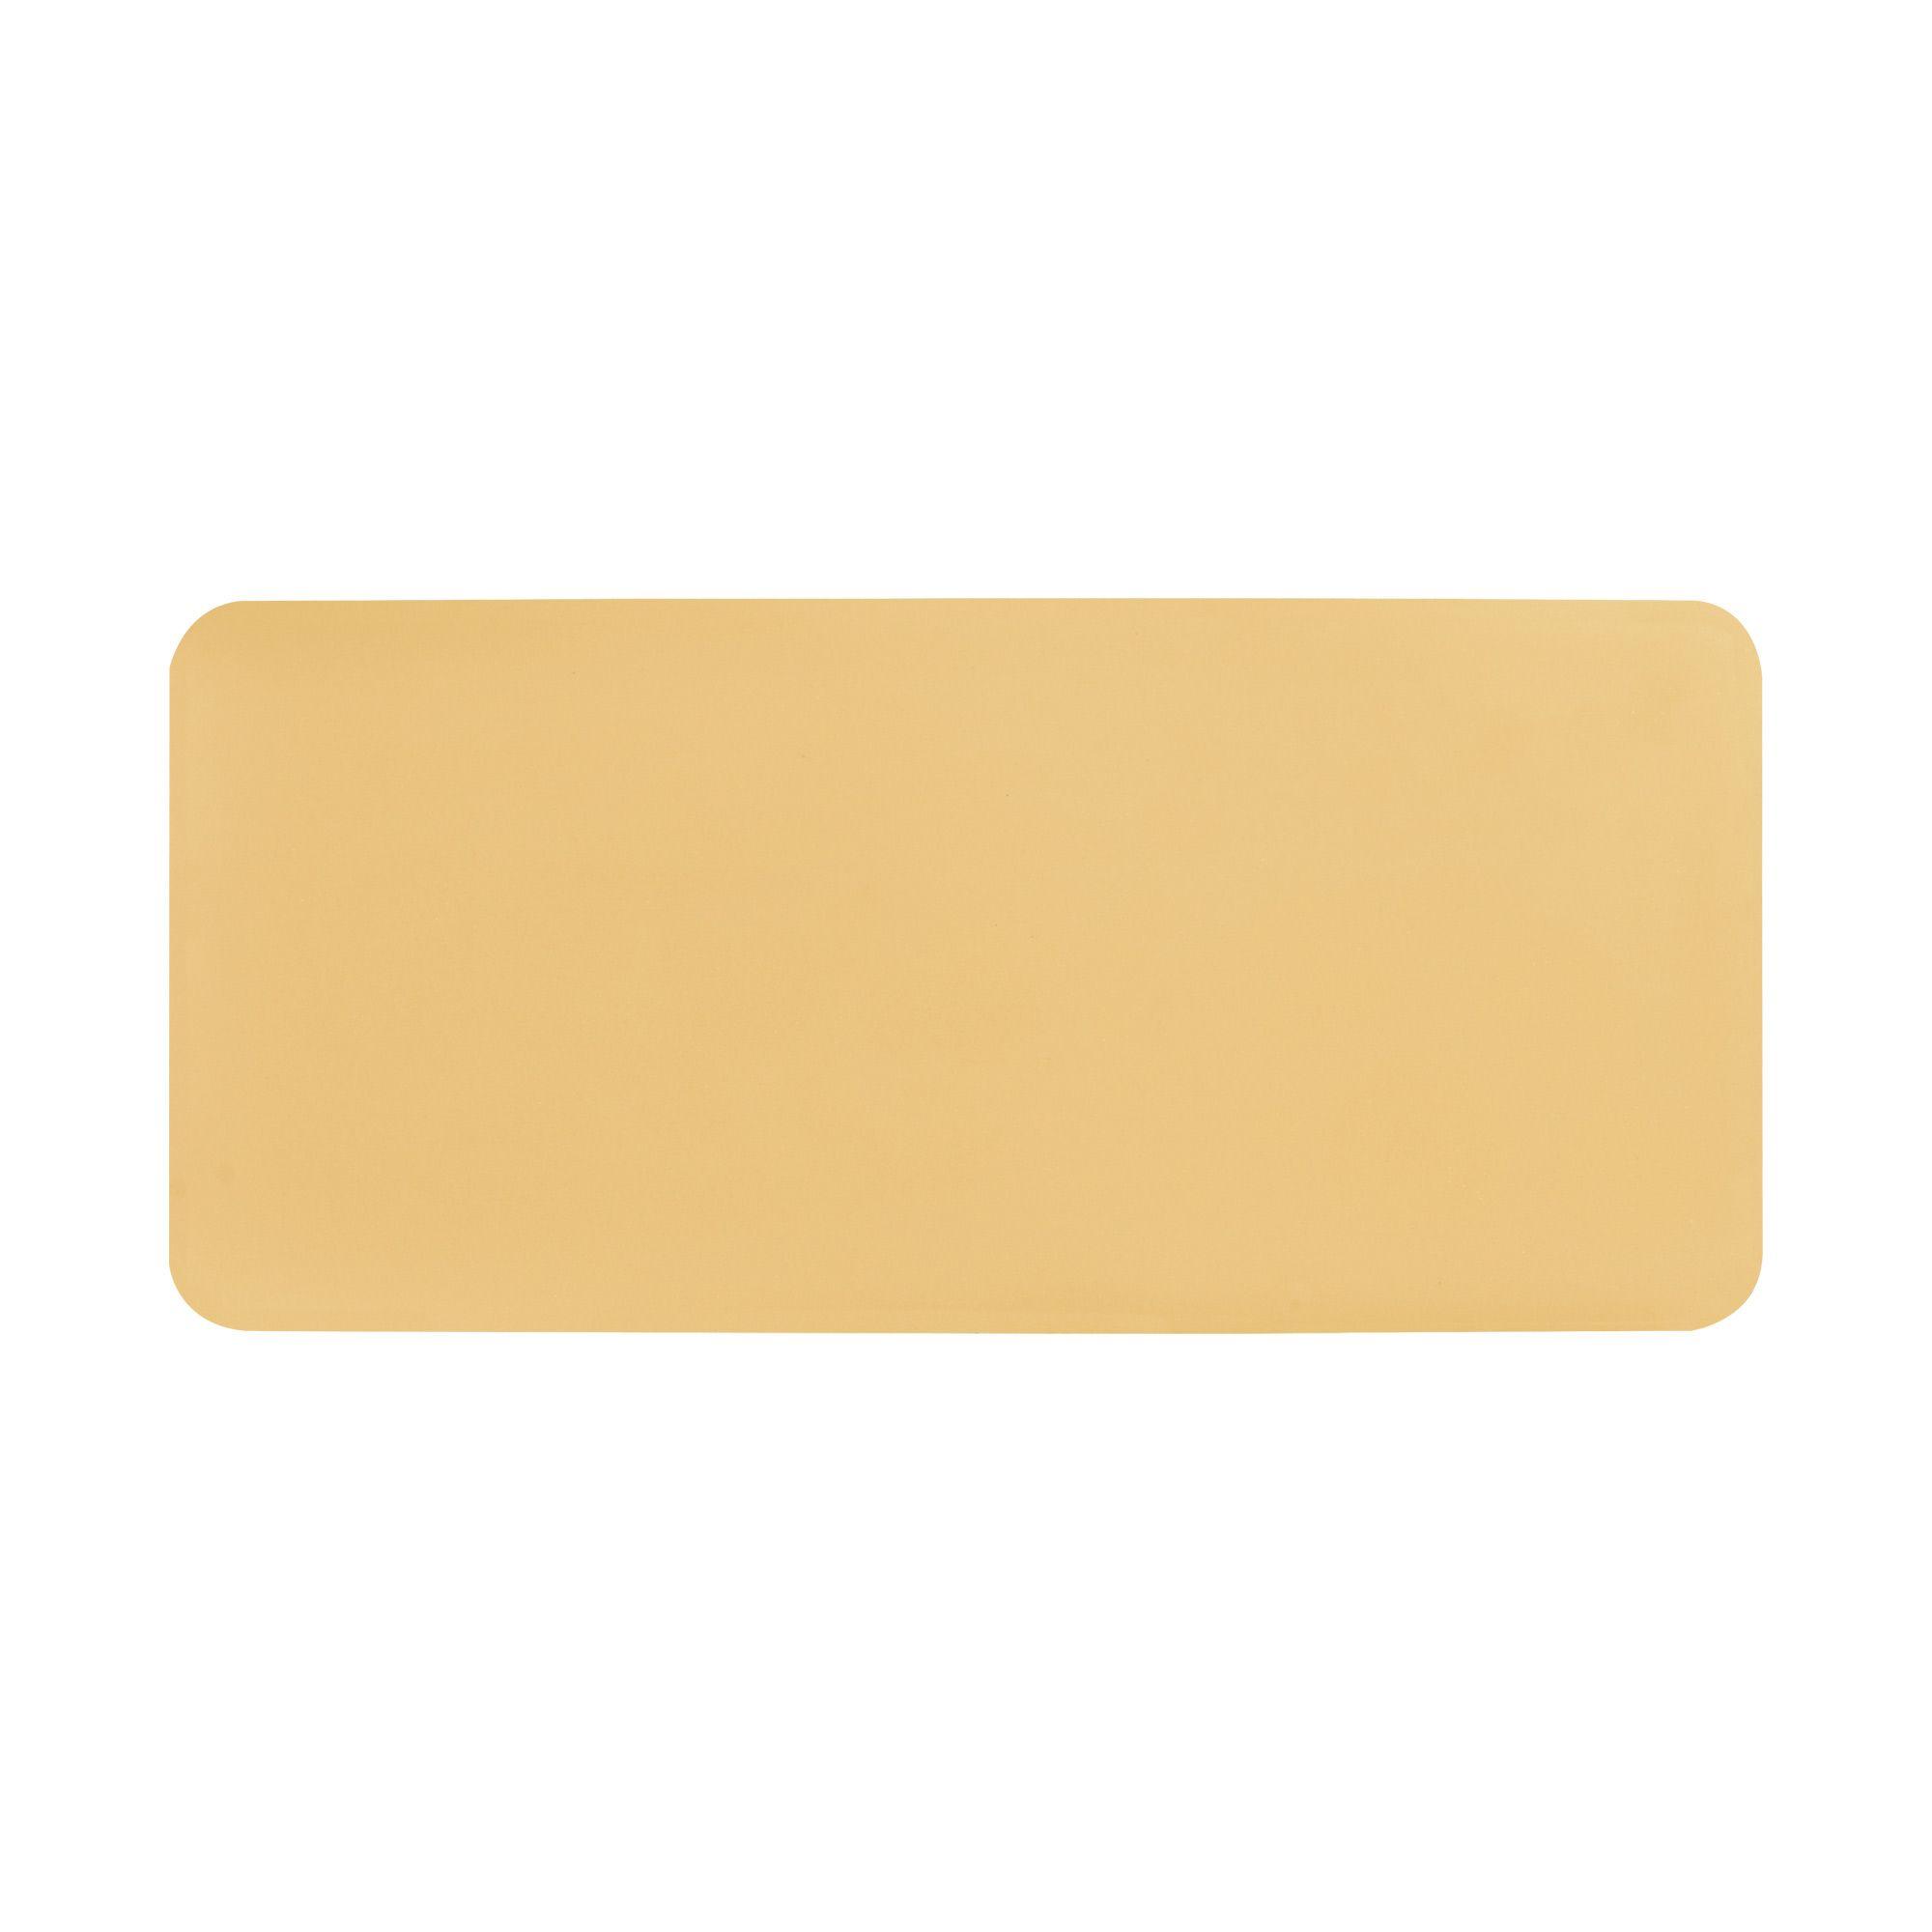 Shade + Light Crème Contour Palette Refillable Pan   Contour palette. Kat von d contour. Vegan beauty